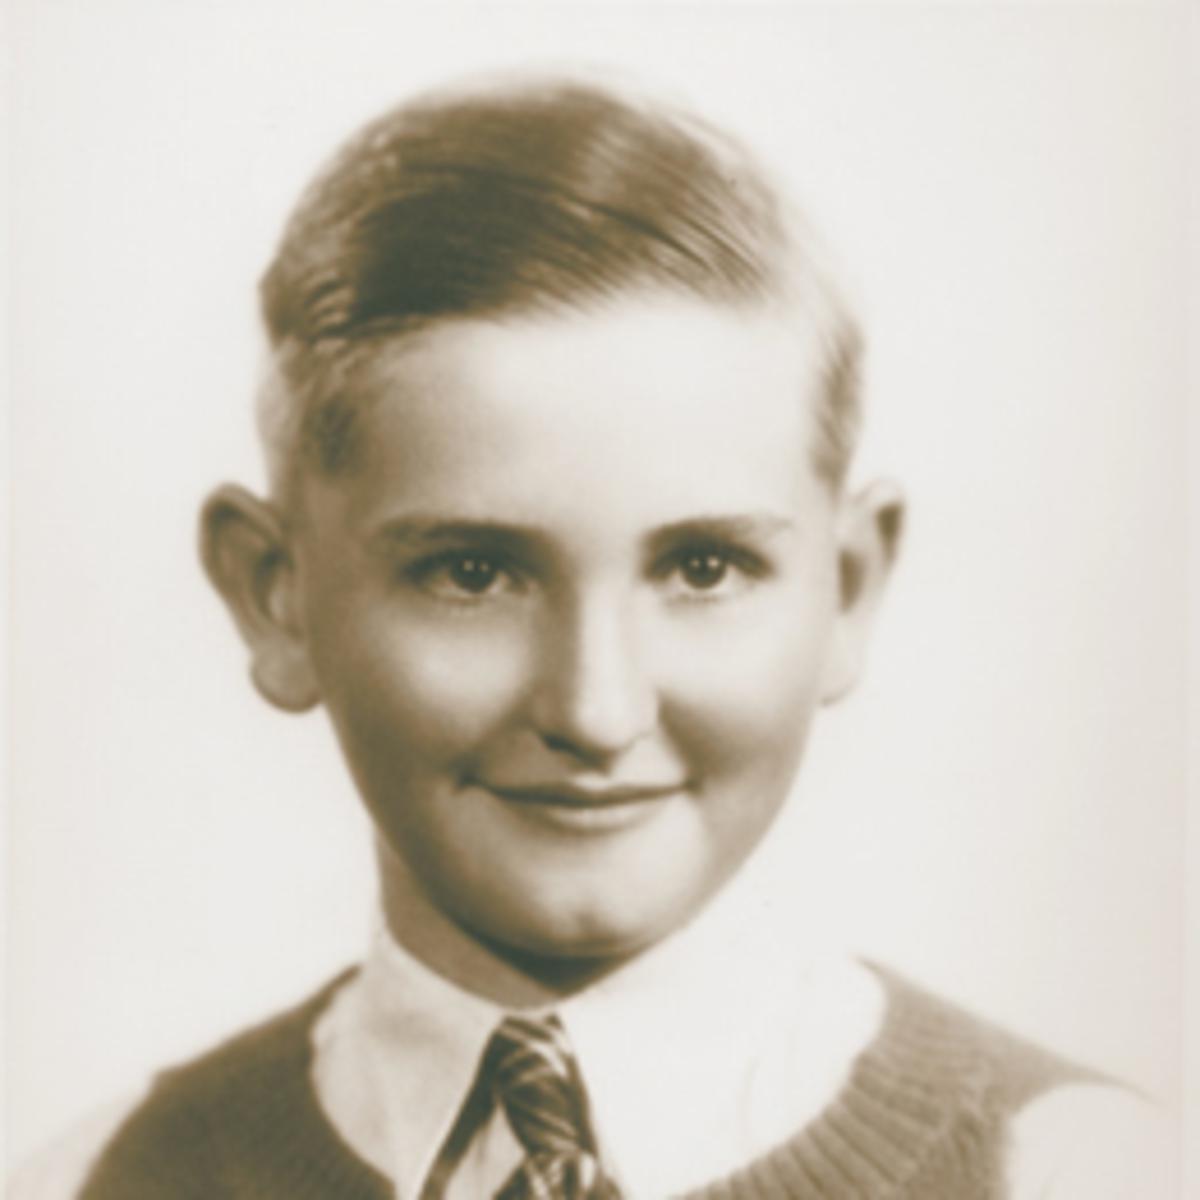 เด็กชายทอมมี มอนสัน